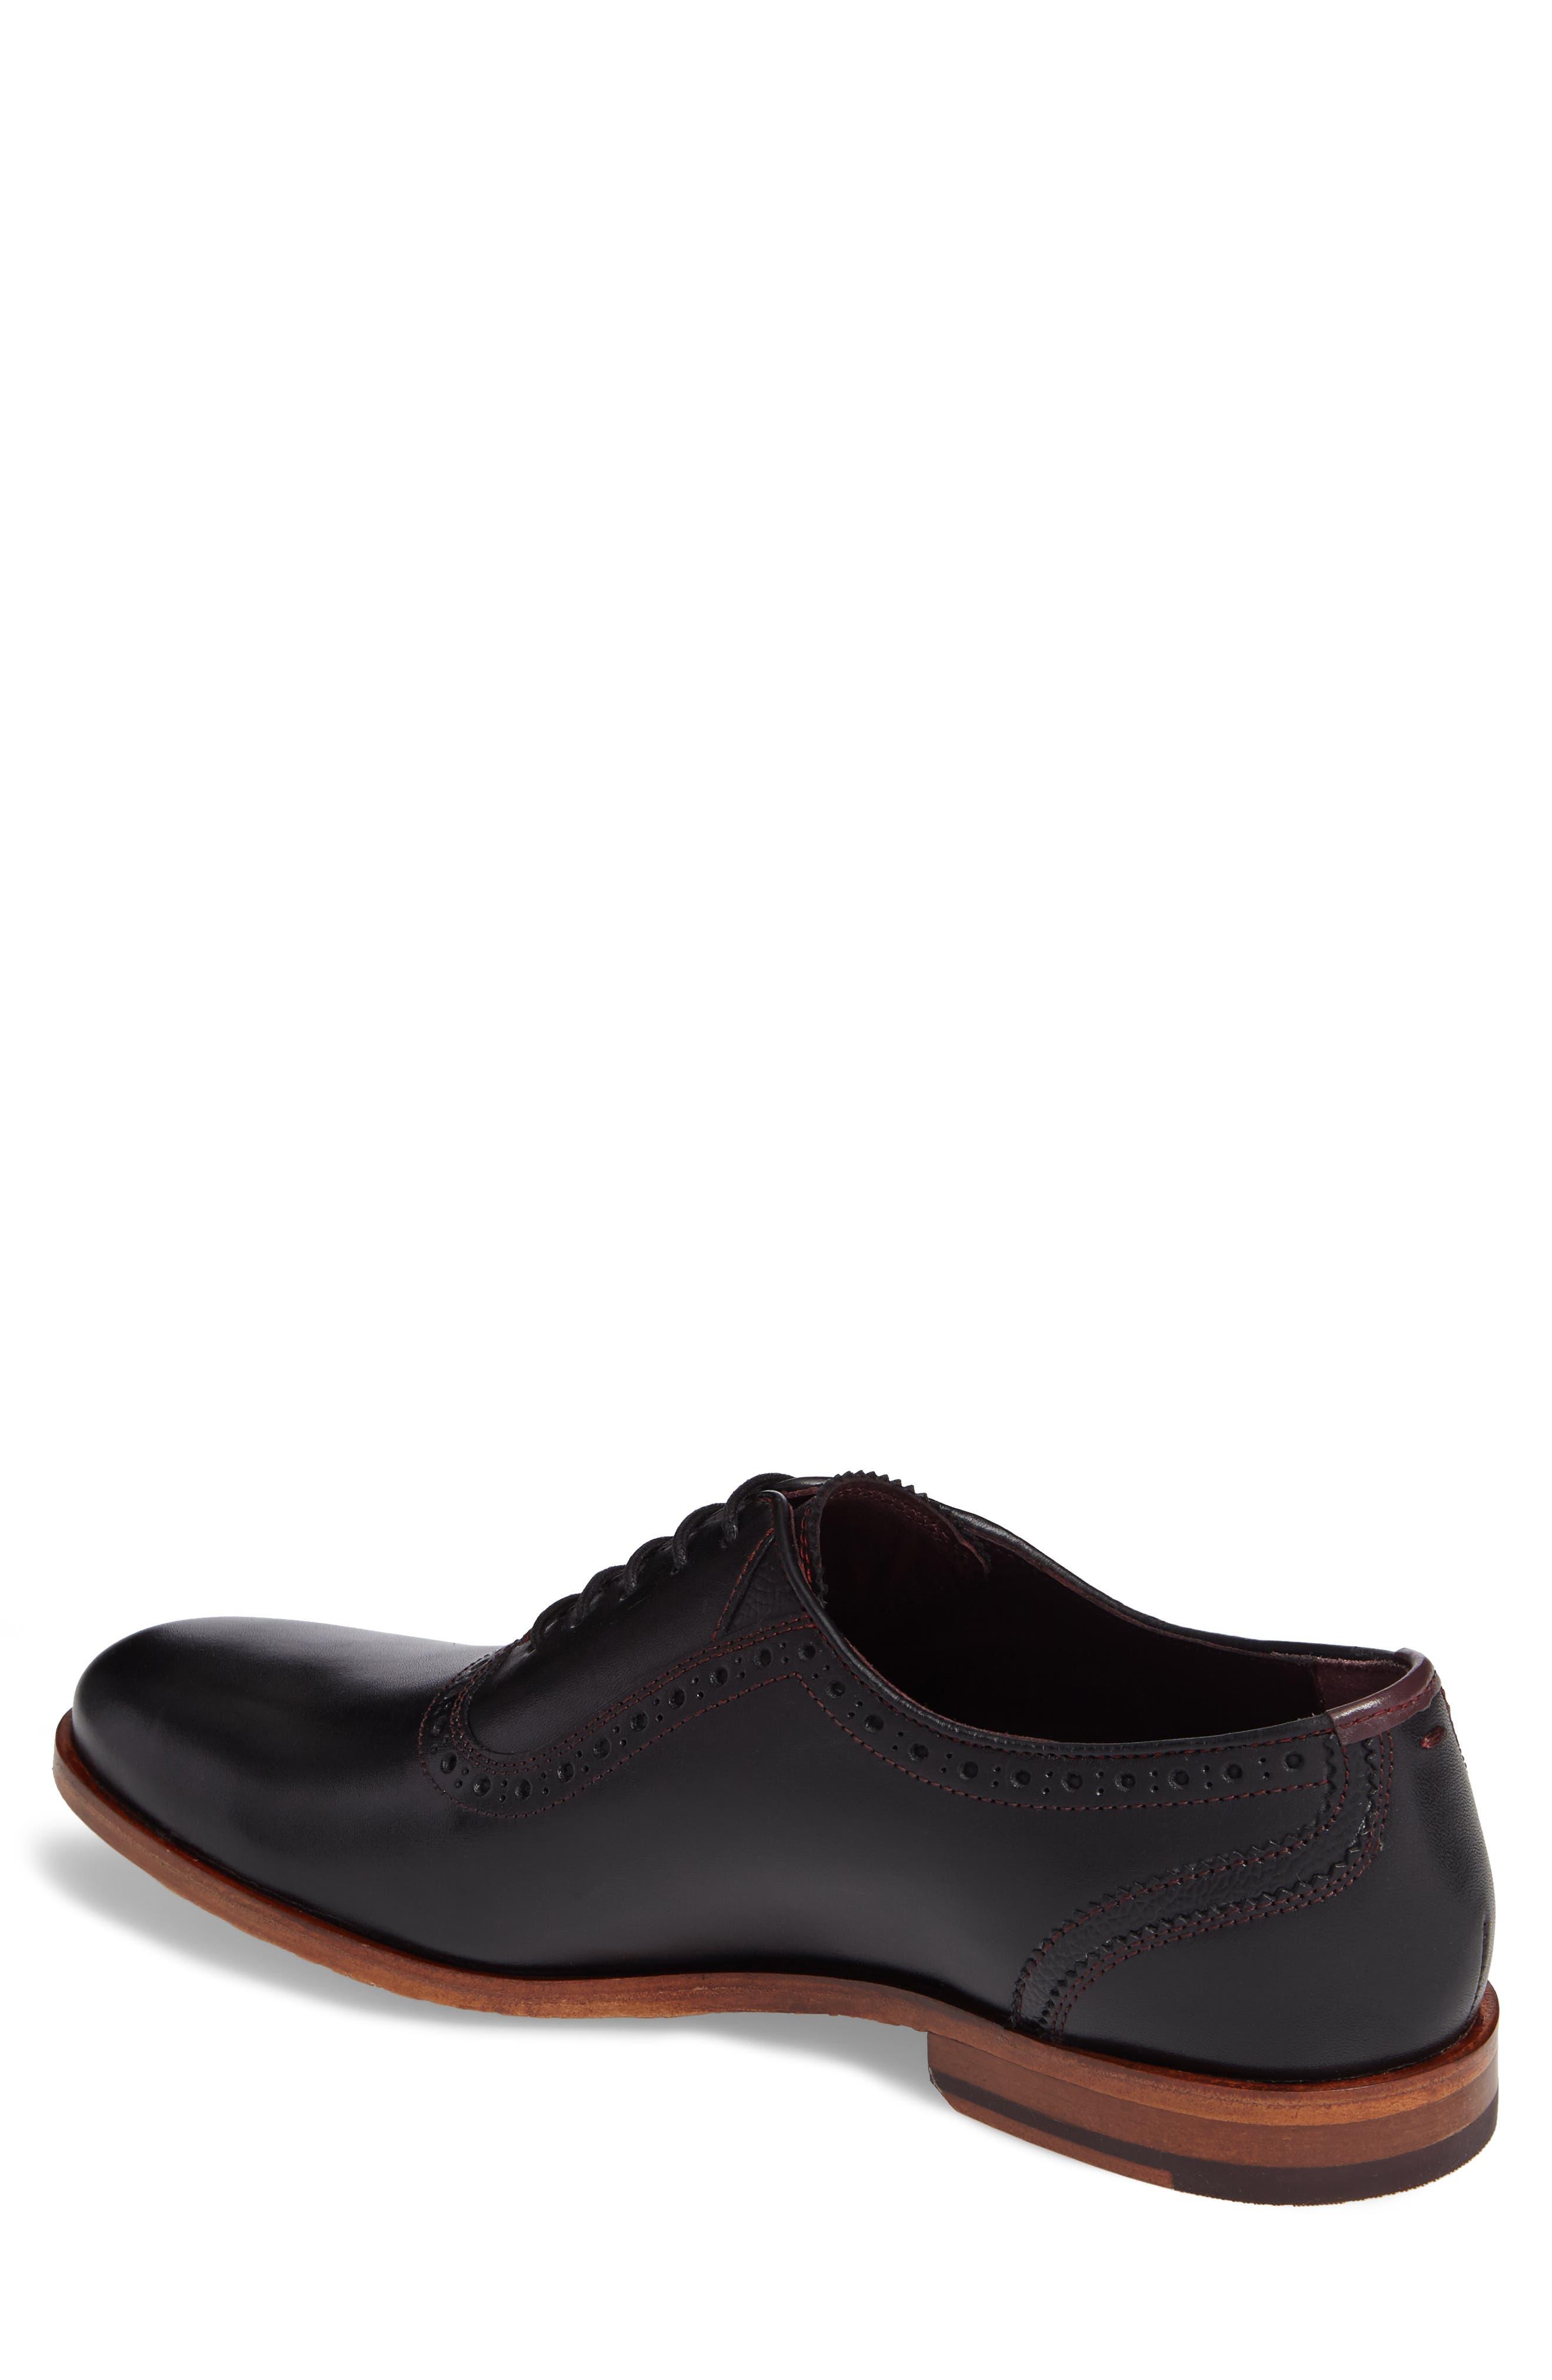 Anice Plain Toe Oxford,                             Alternate thumbnail 2, color,                             Black Leather